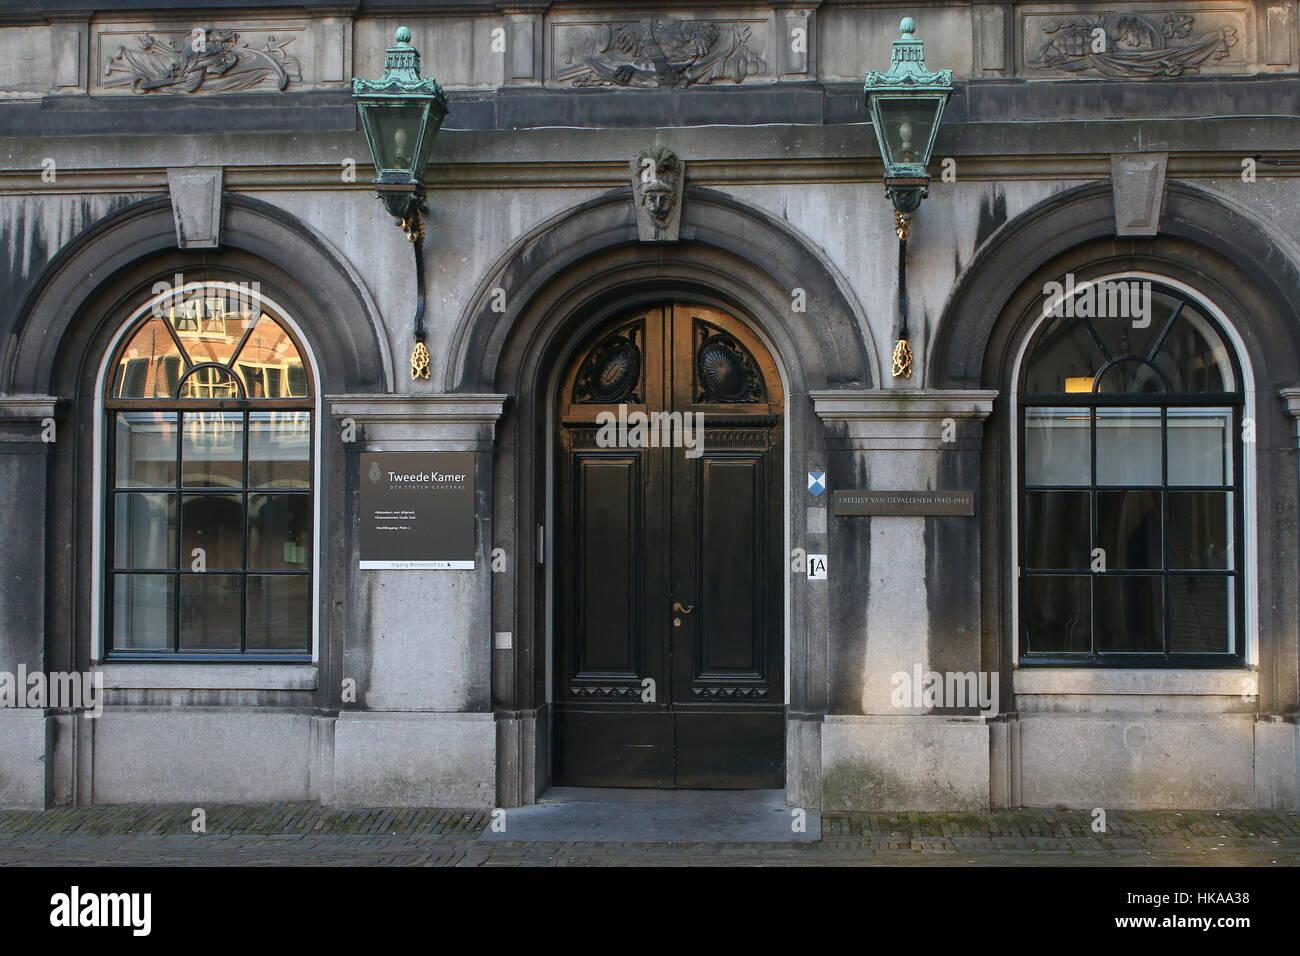 Entrée de la Tweede Kamer (Chambre des représentants), le parlement néerlandais à Binnenhof square, La Haye, Pays-Bas Banque D'Images